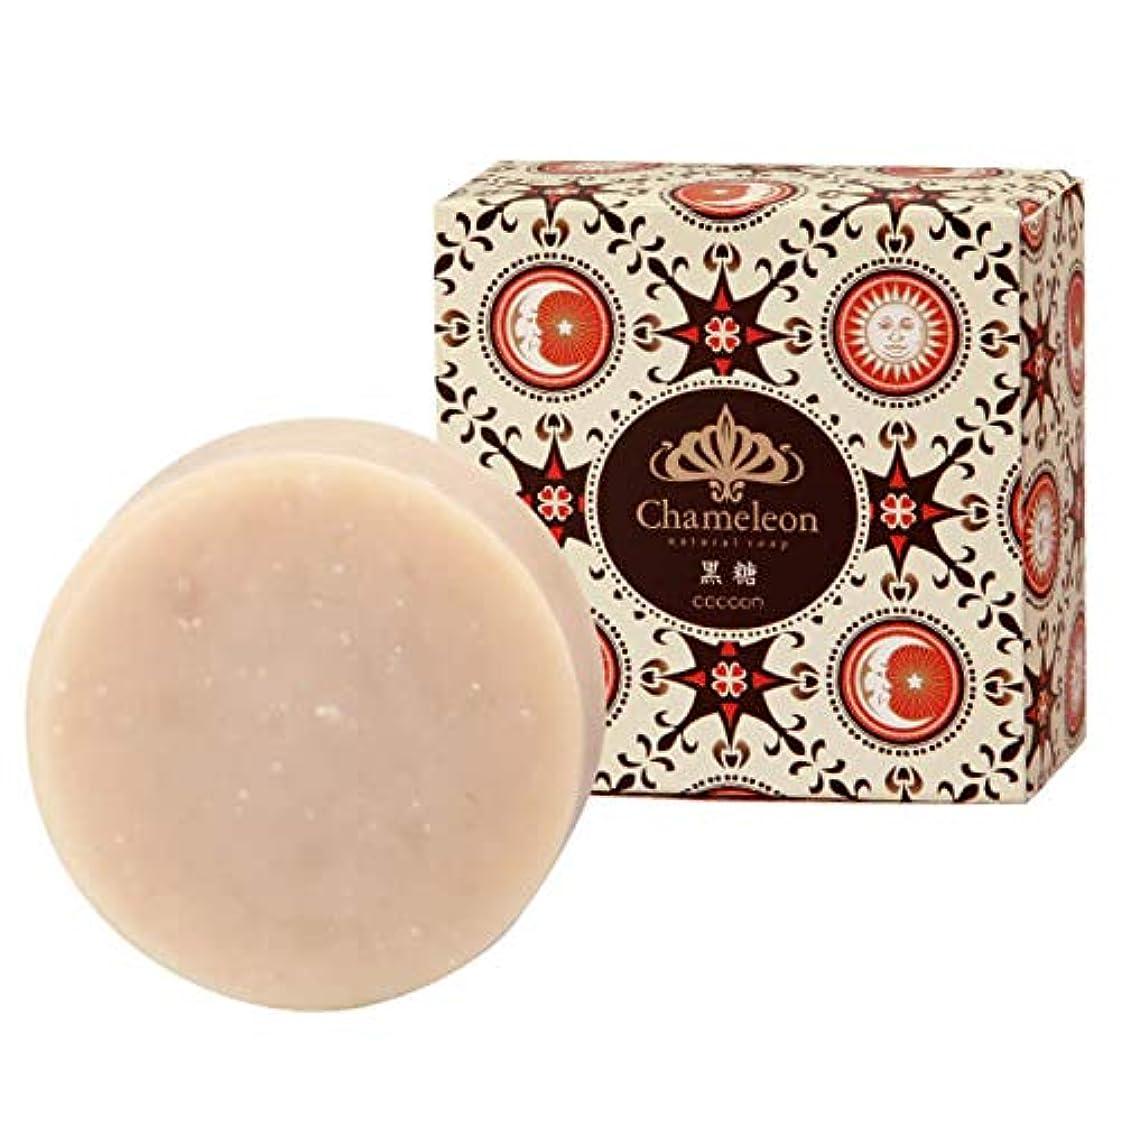 カメレオンソープ「黒糖」 75g 洗顔石鹸 ピーリング コールドプロセス